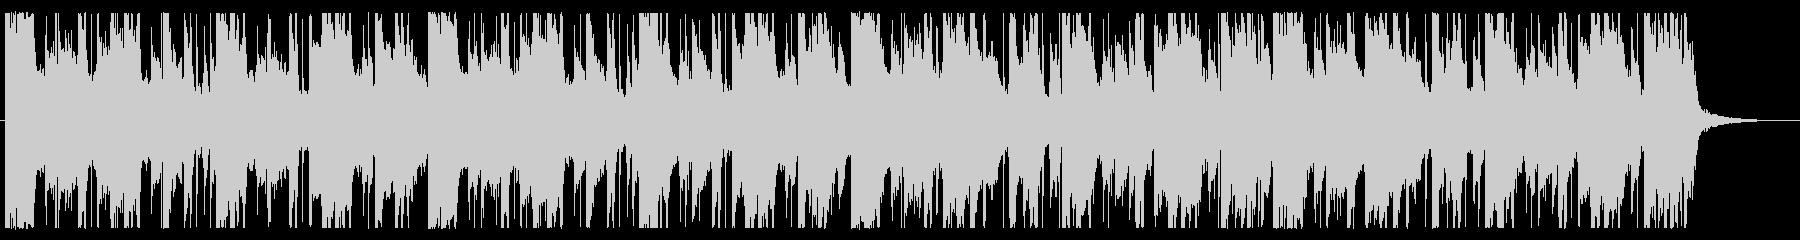 ピアノ/シンプル/R&B_No443_4の未再生の波形